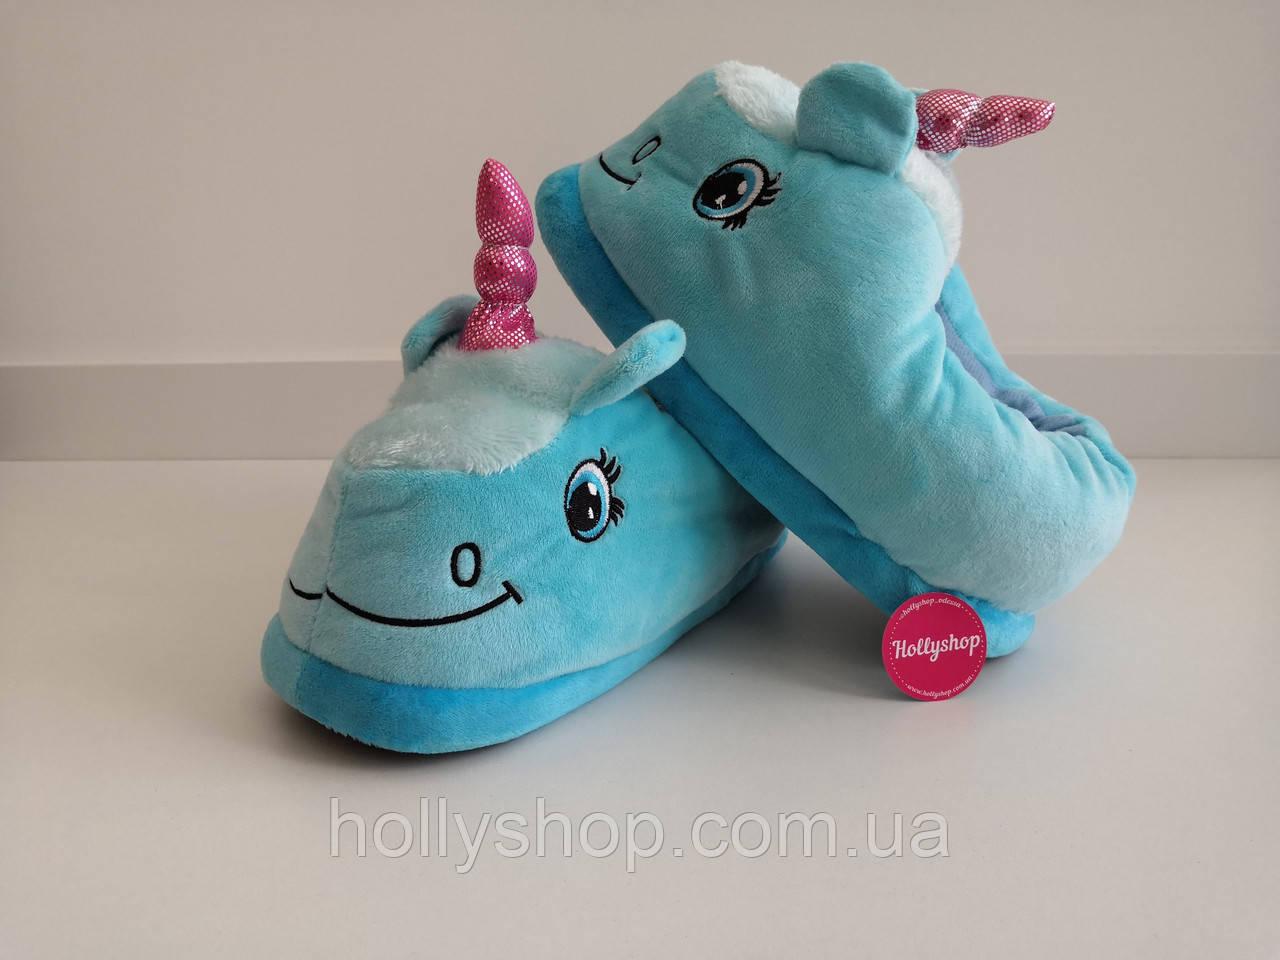 Домашние тапочки Единорог голубые с задником.